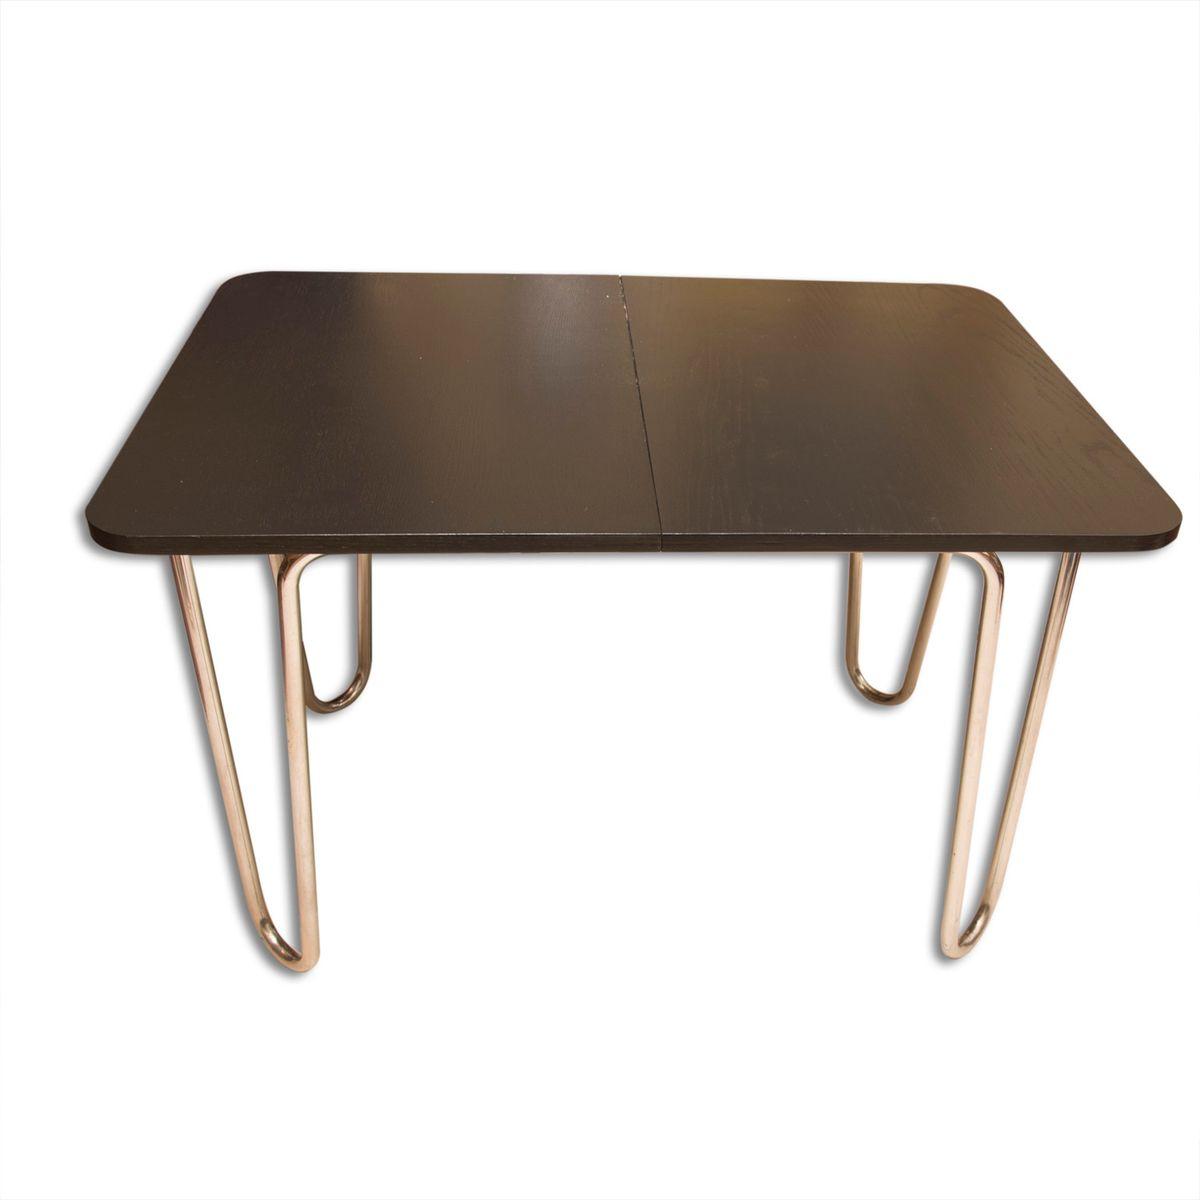 Bauhaus Esstisch klappbarer bauhaus esstisch aus eiche verchromtem metall